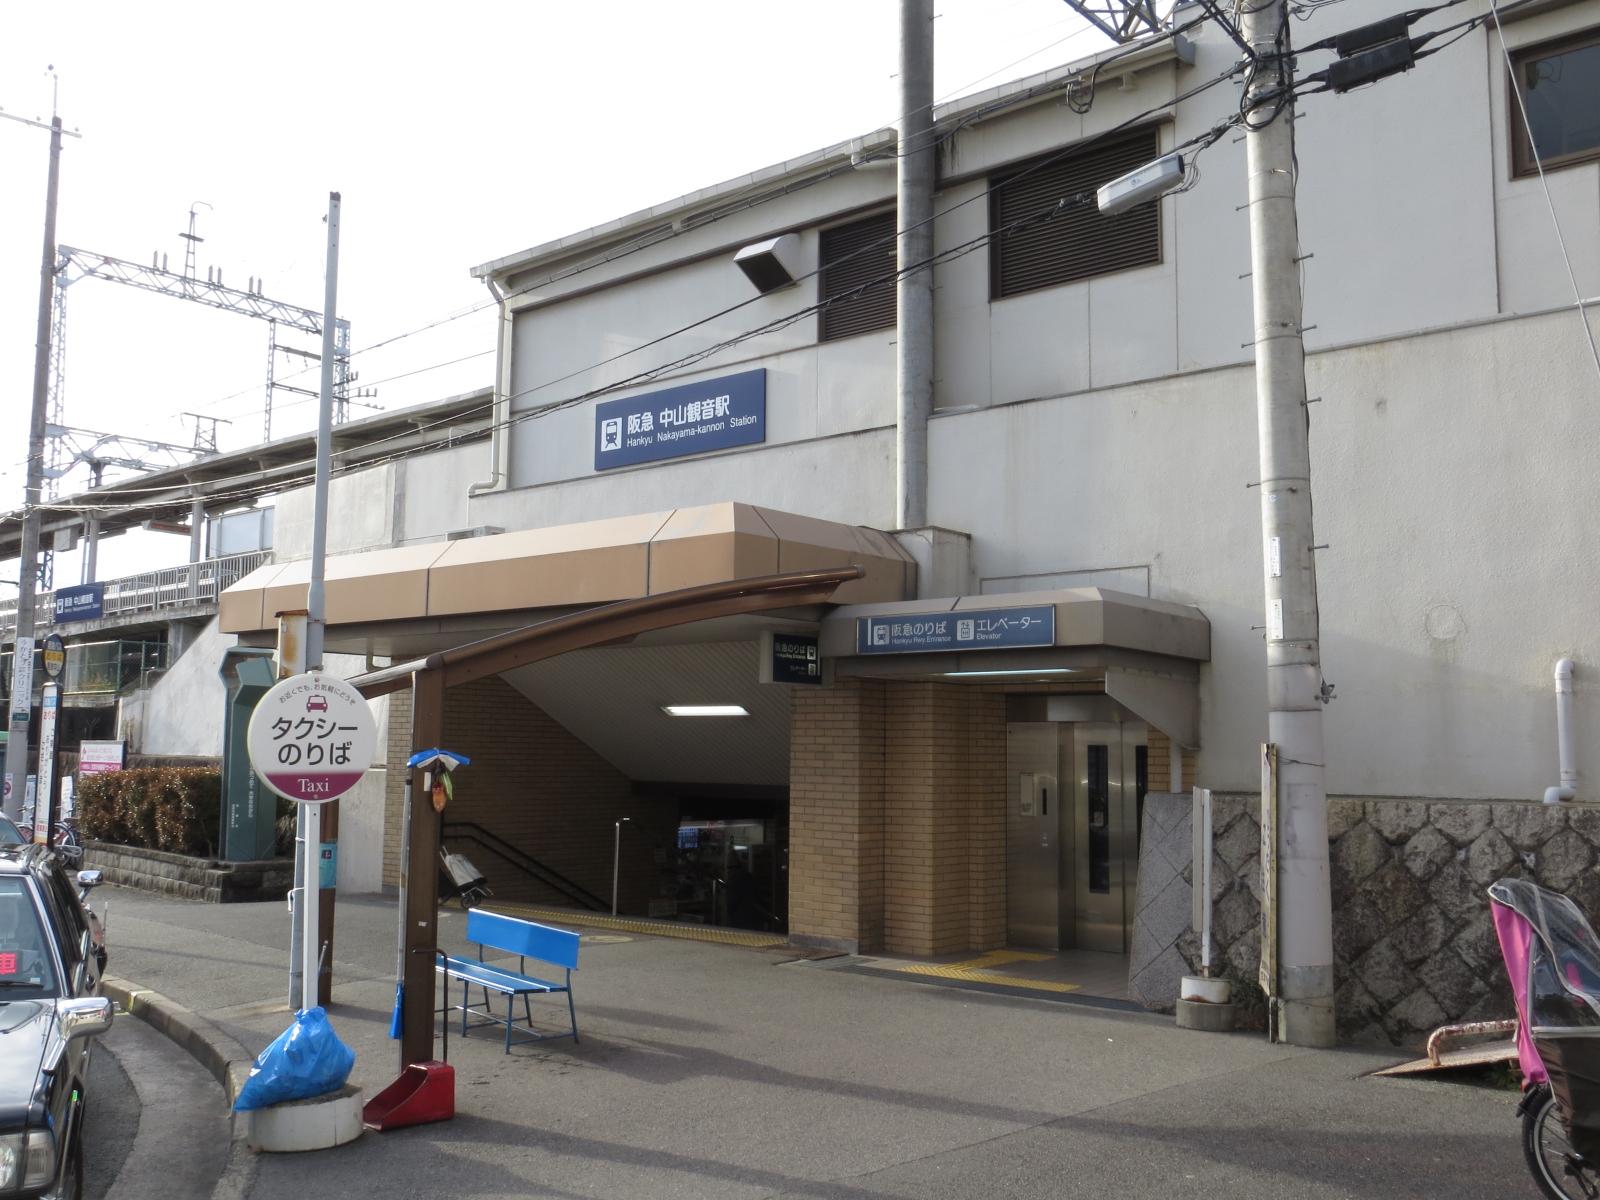 中山観音駅 - Wikipedia